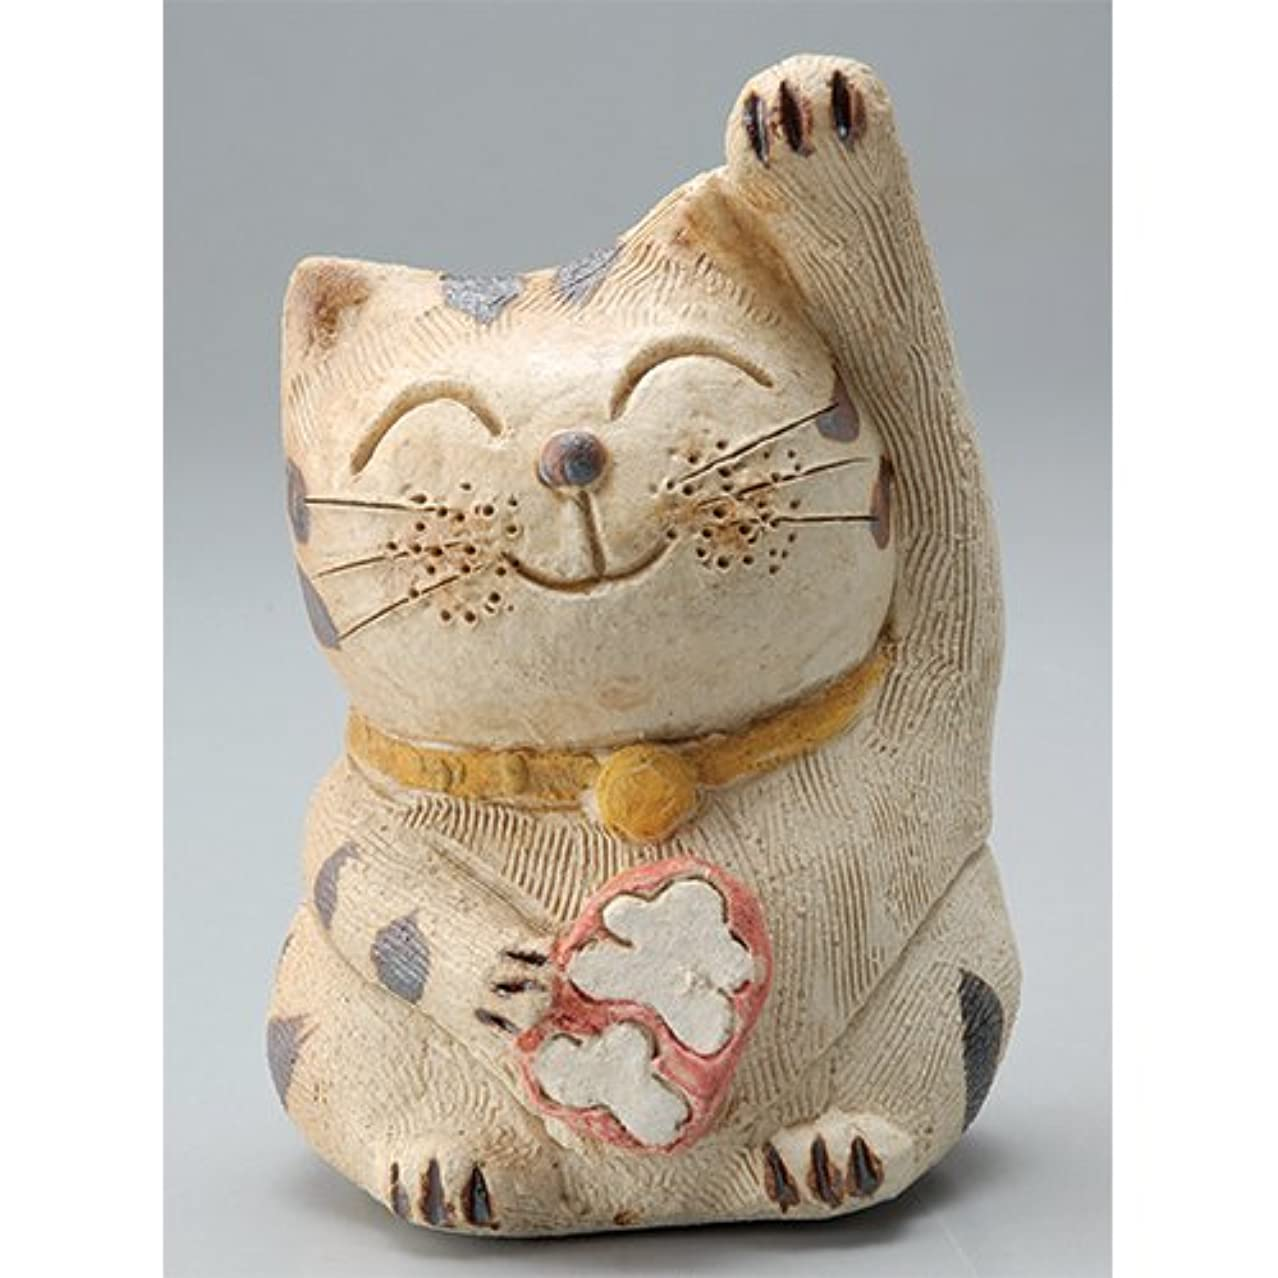 先革命的助言香炉 微笑み招き猫(人招き)香炉(小) [H8.5cm] HANDMADE プレゼント ギフト 和食器 かわいい インテリア